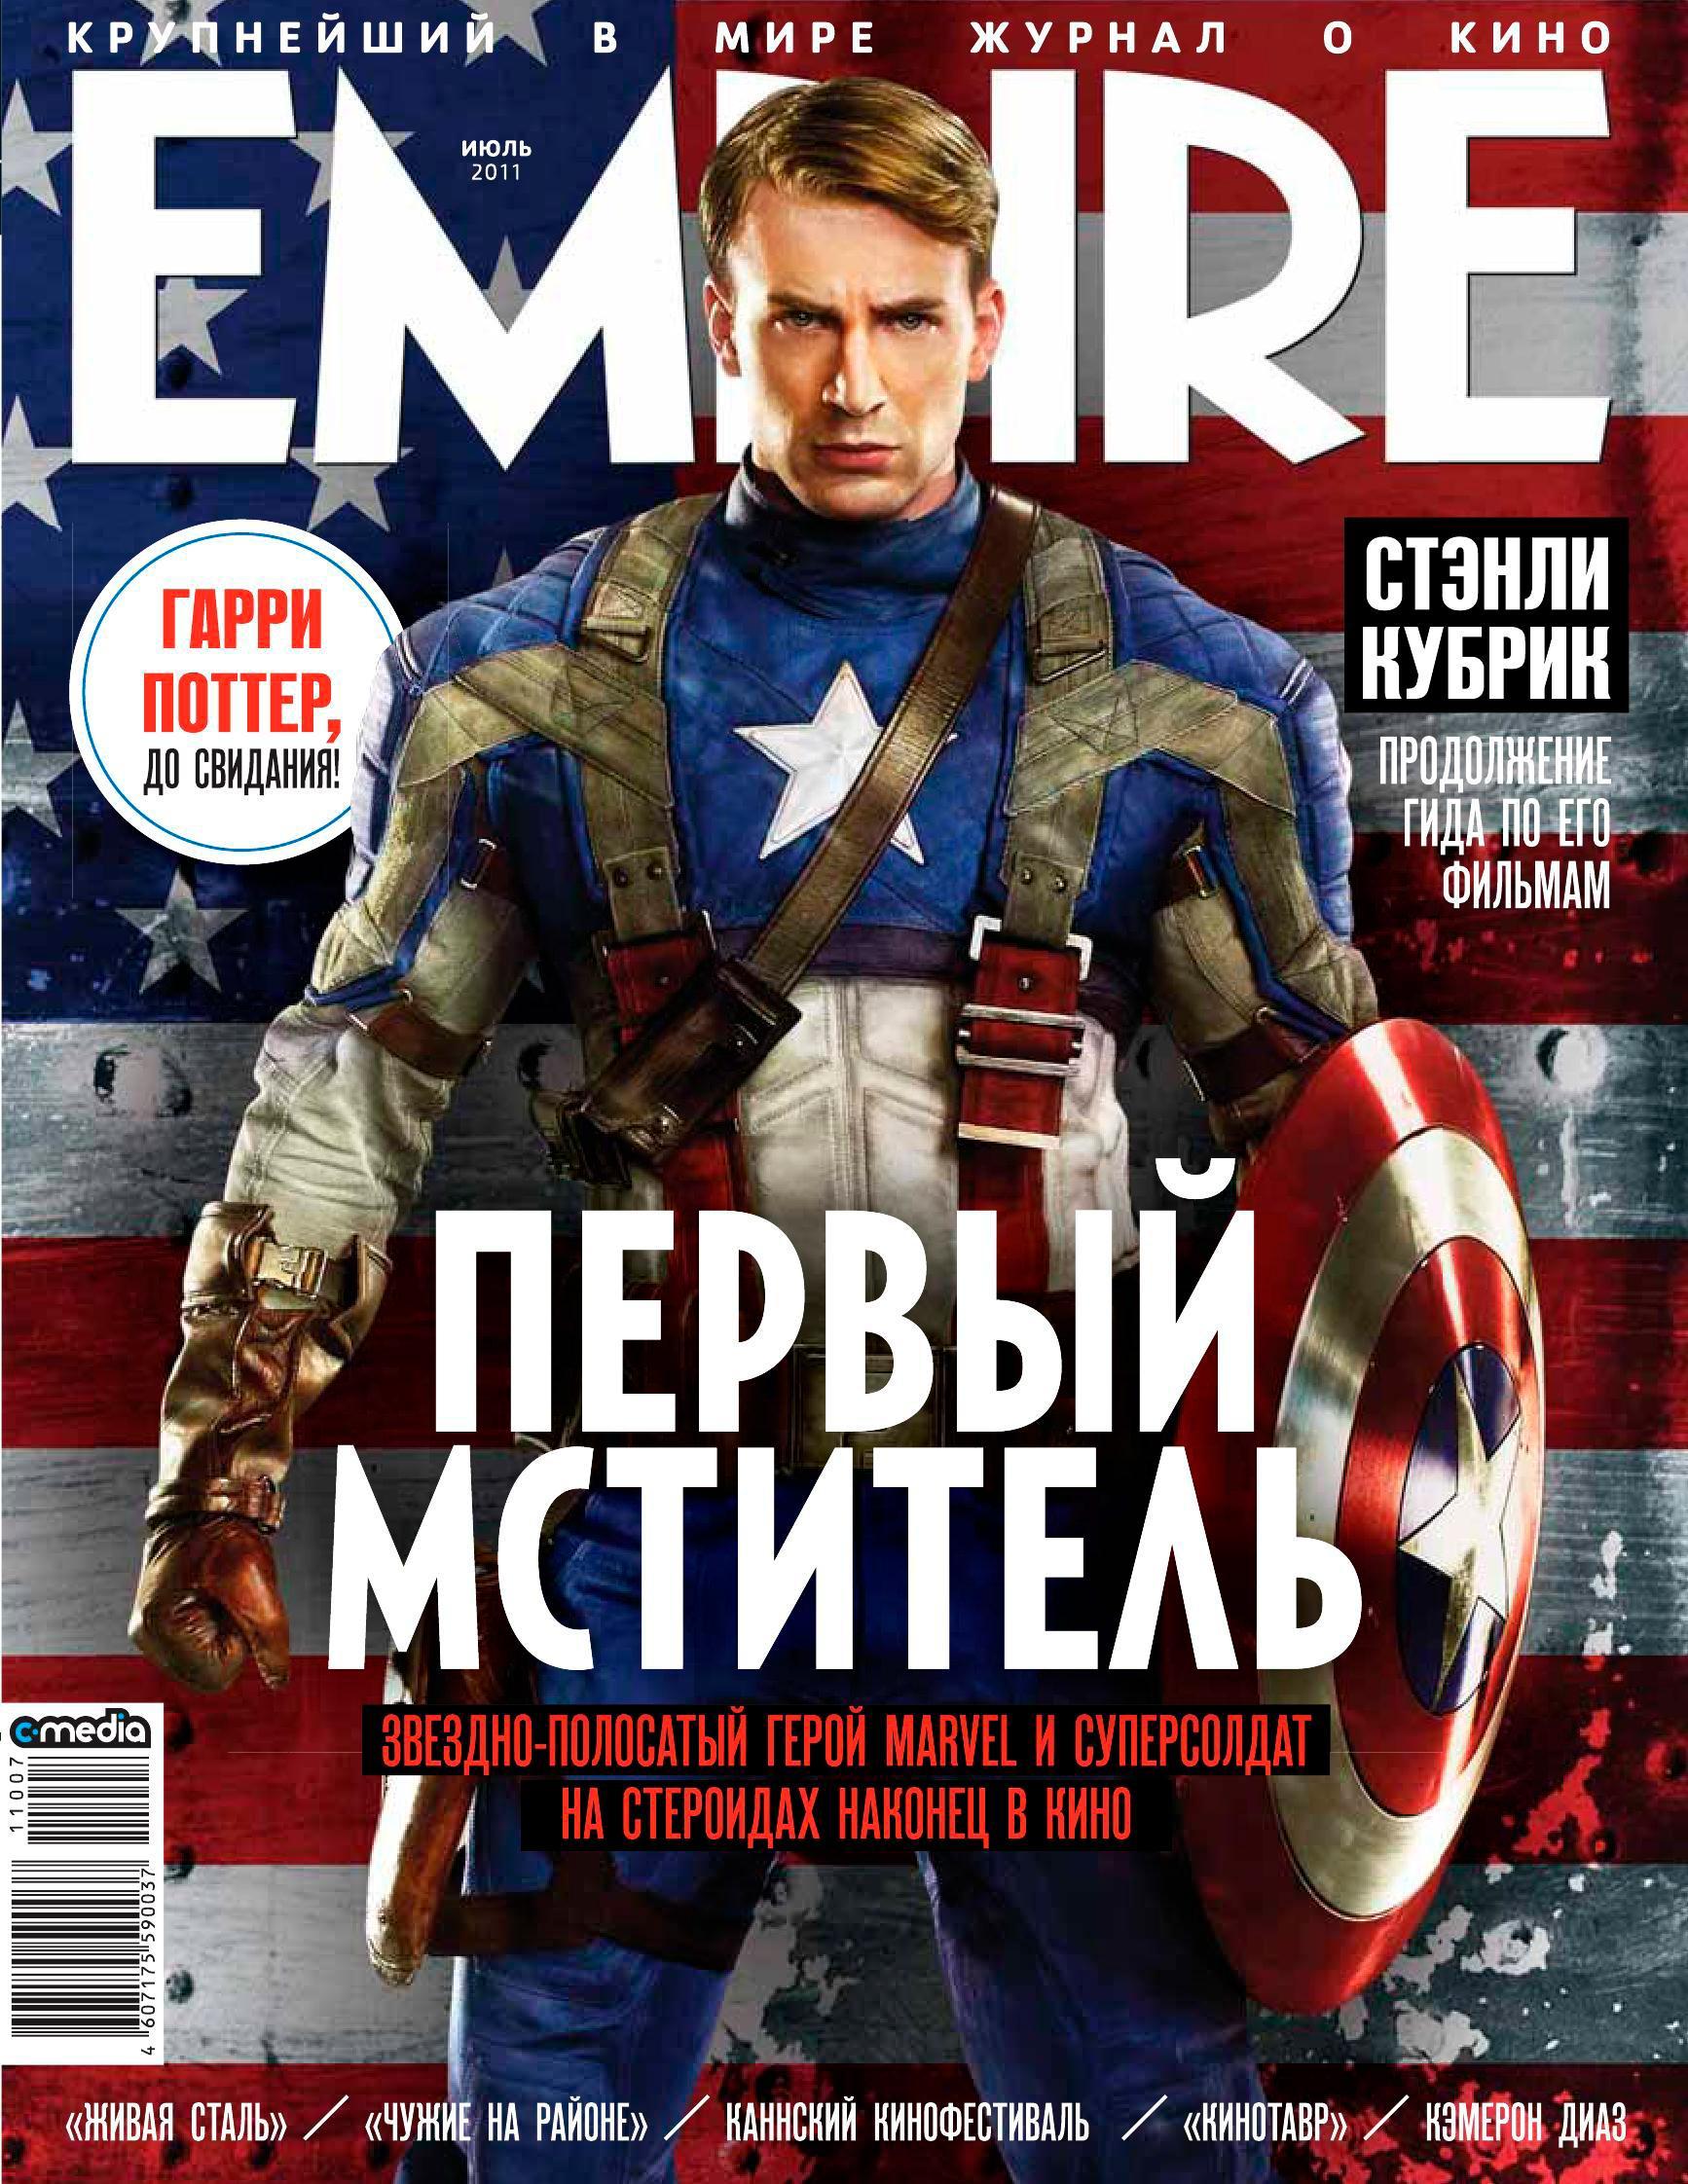 Empire No.7 Russia – July 2011